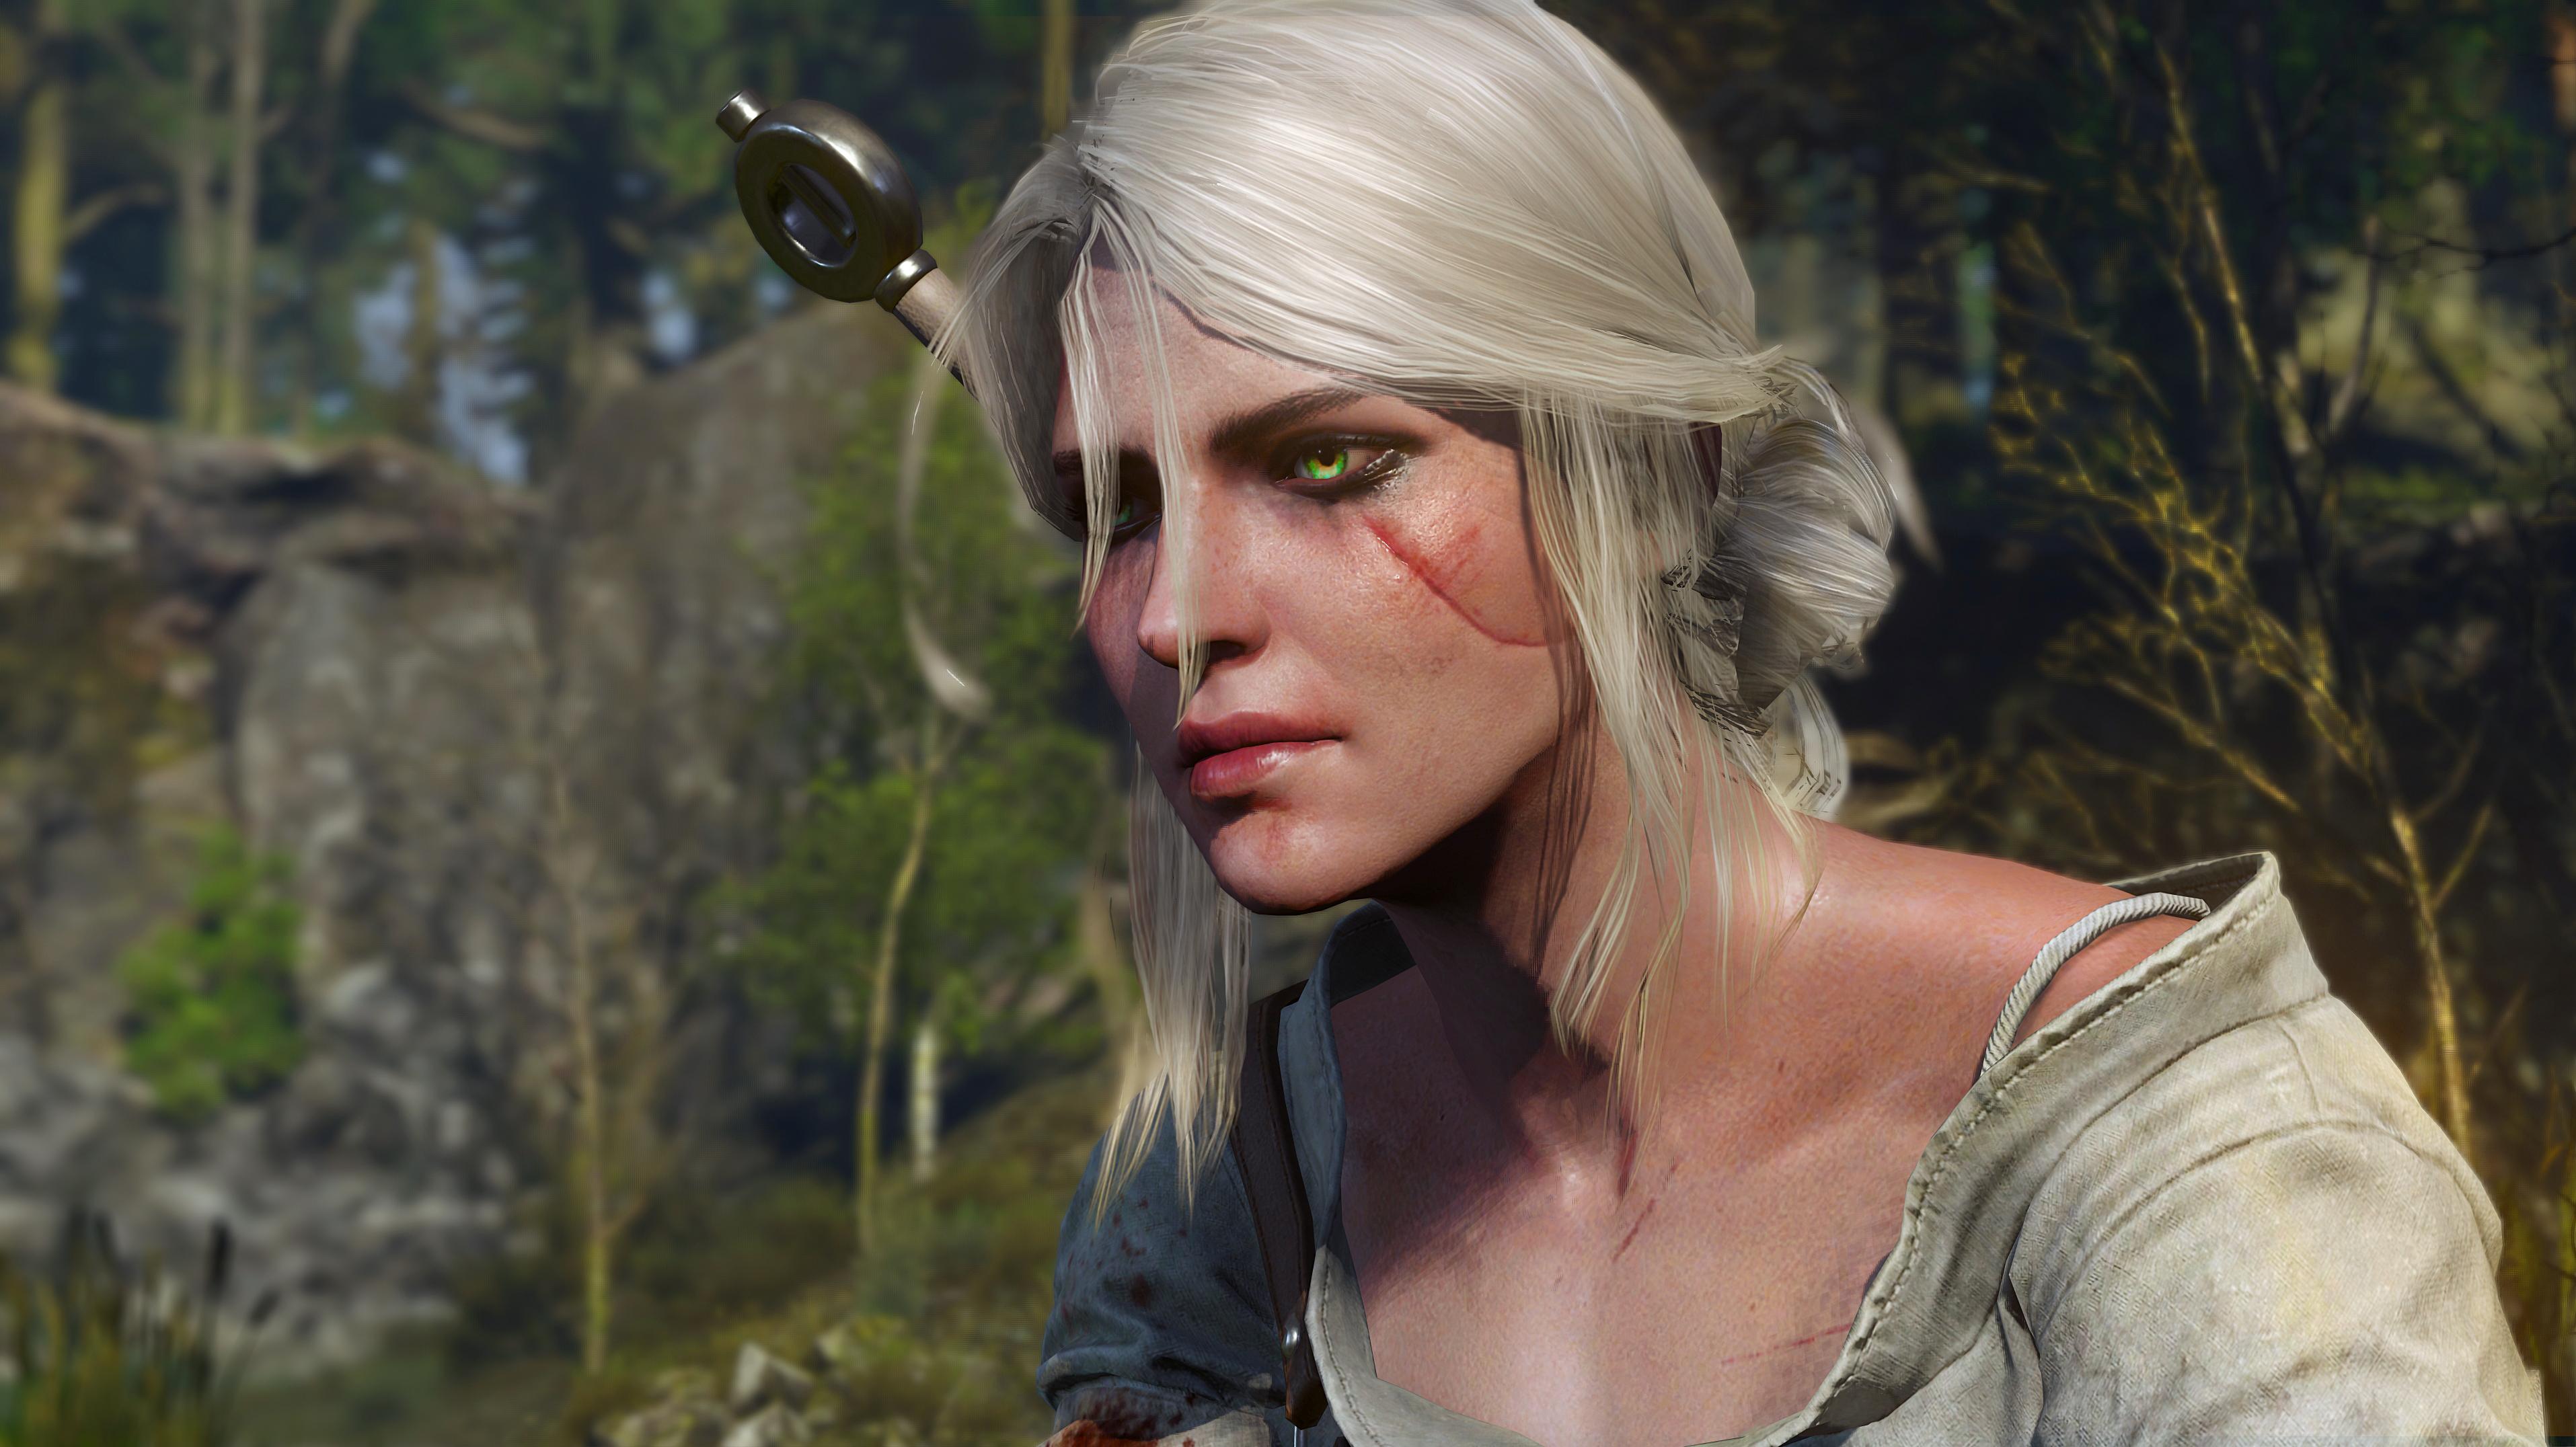 The Witcher 3: Zweiter spielbarer Charakter Ciri vorgestellt